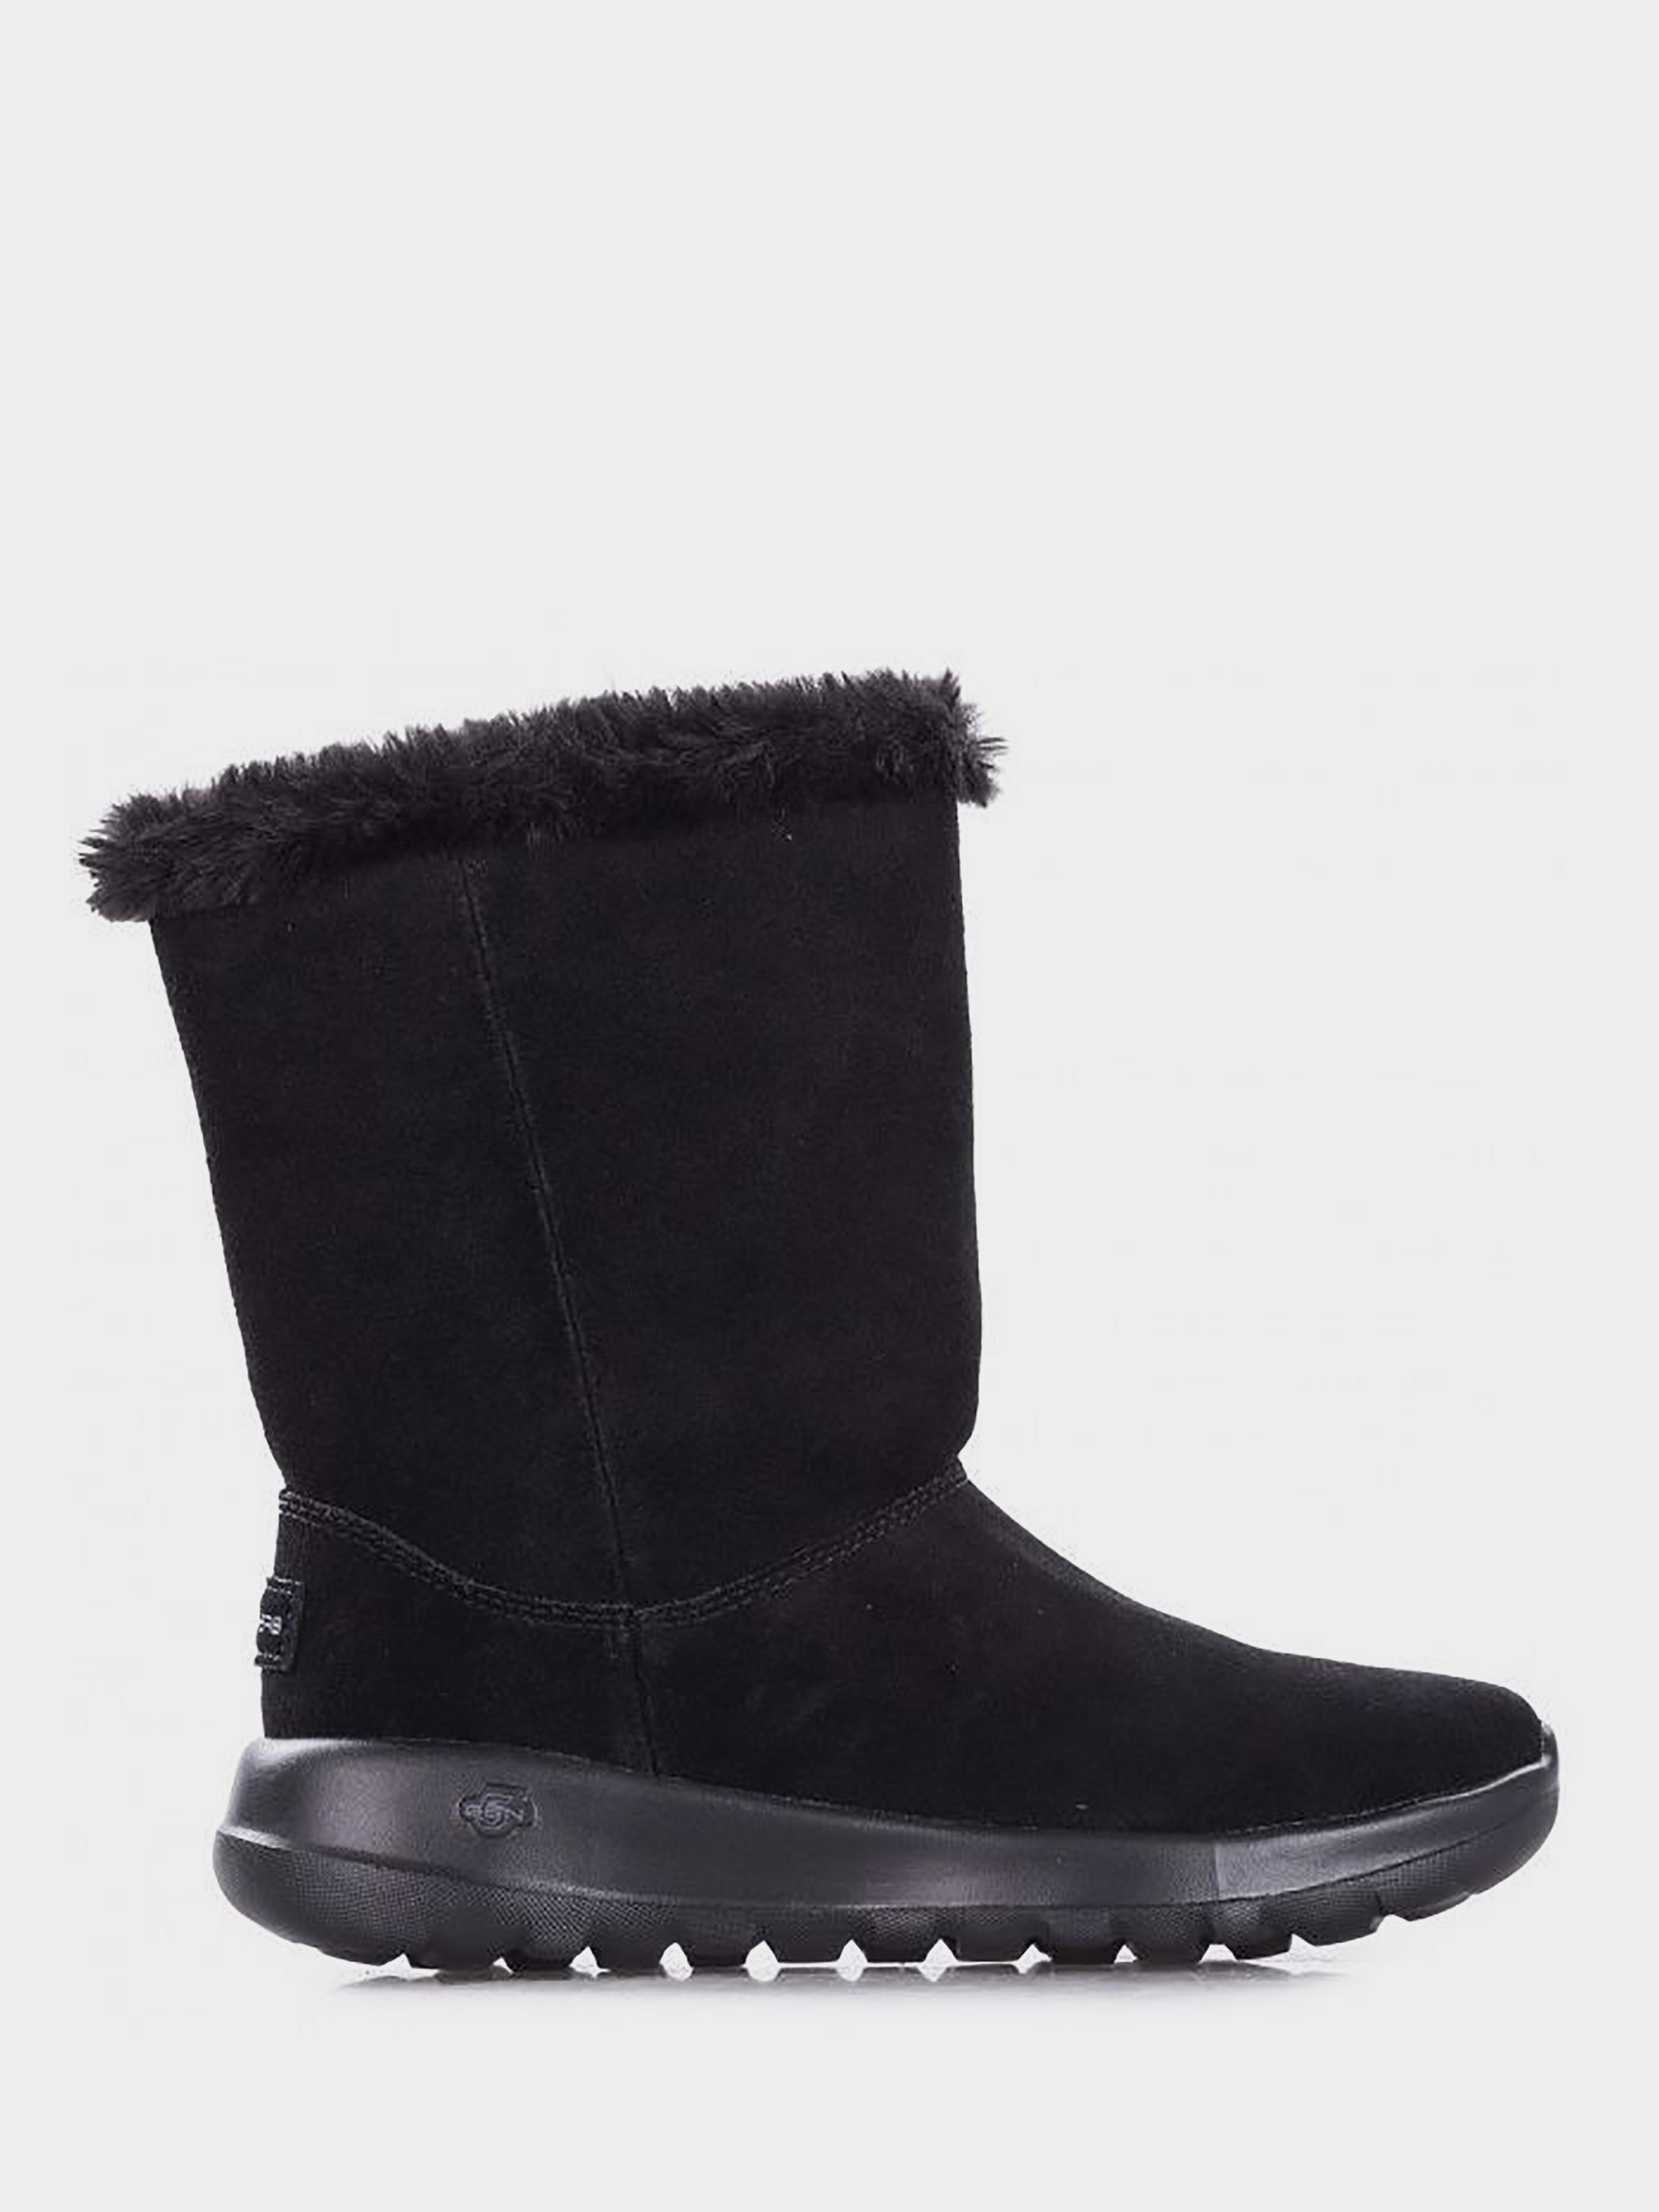 Сапоги для женщин Skechers KW4664, Черный  - купить со скидкой